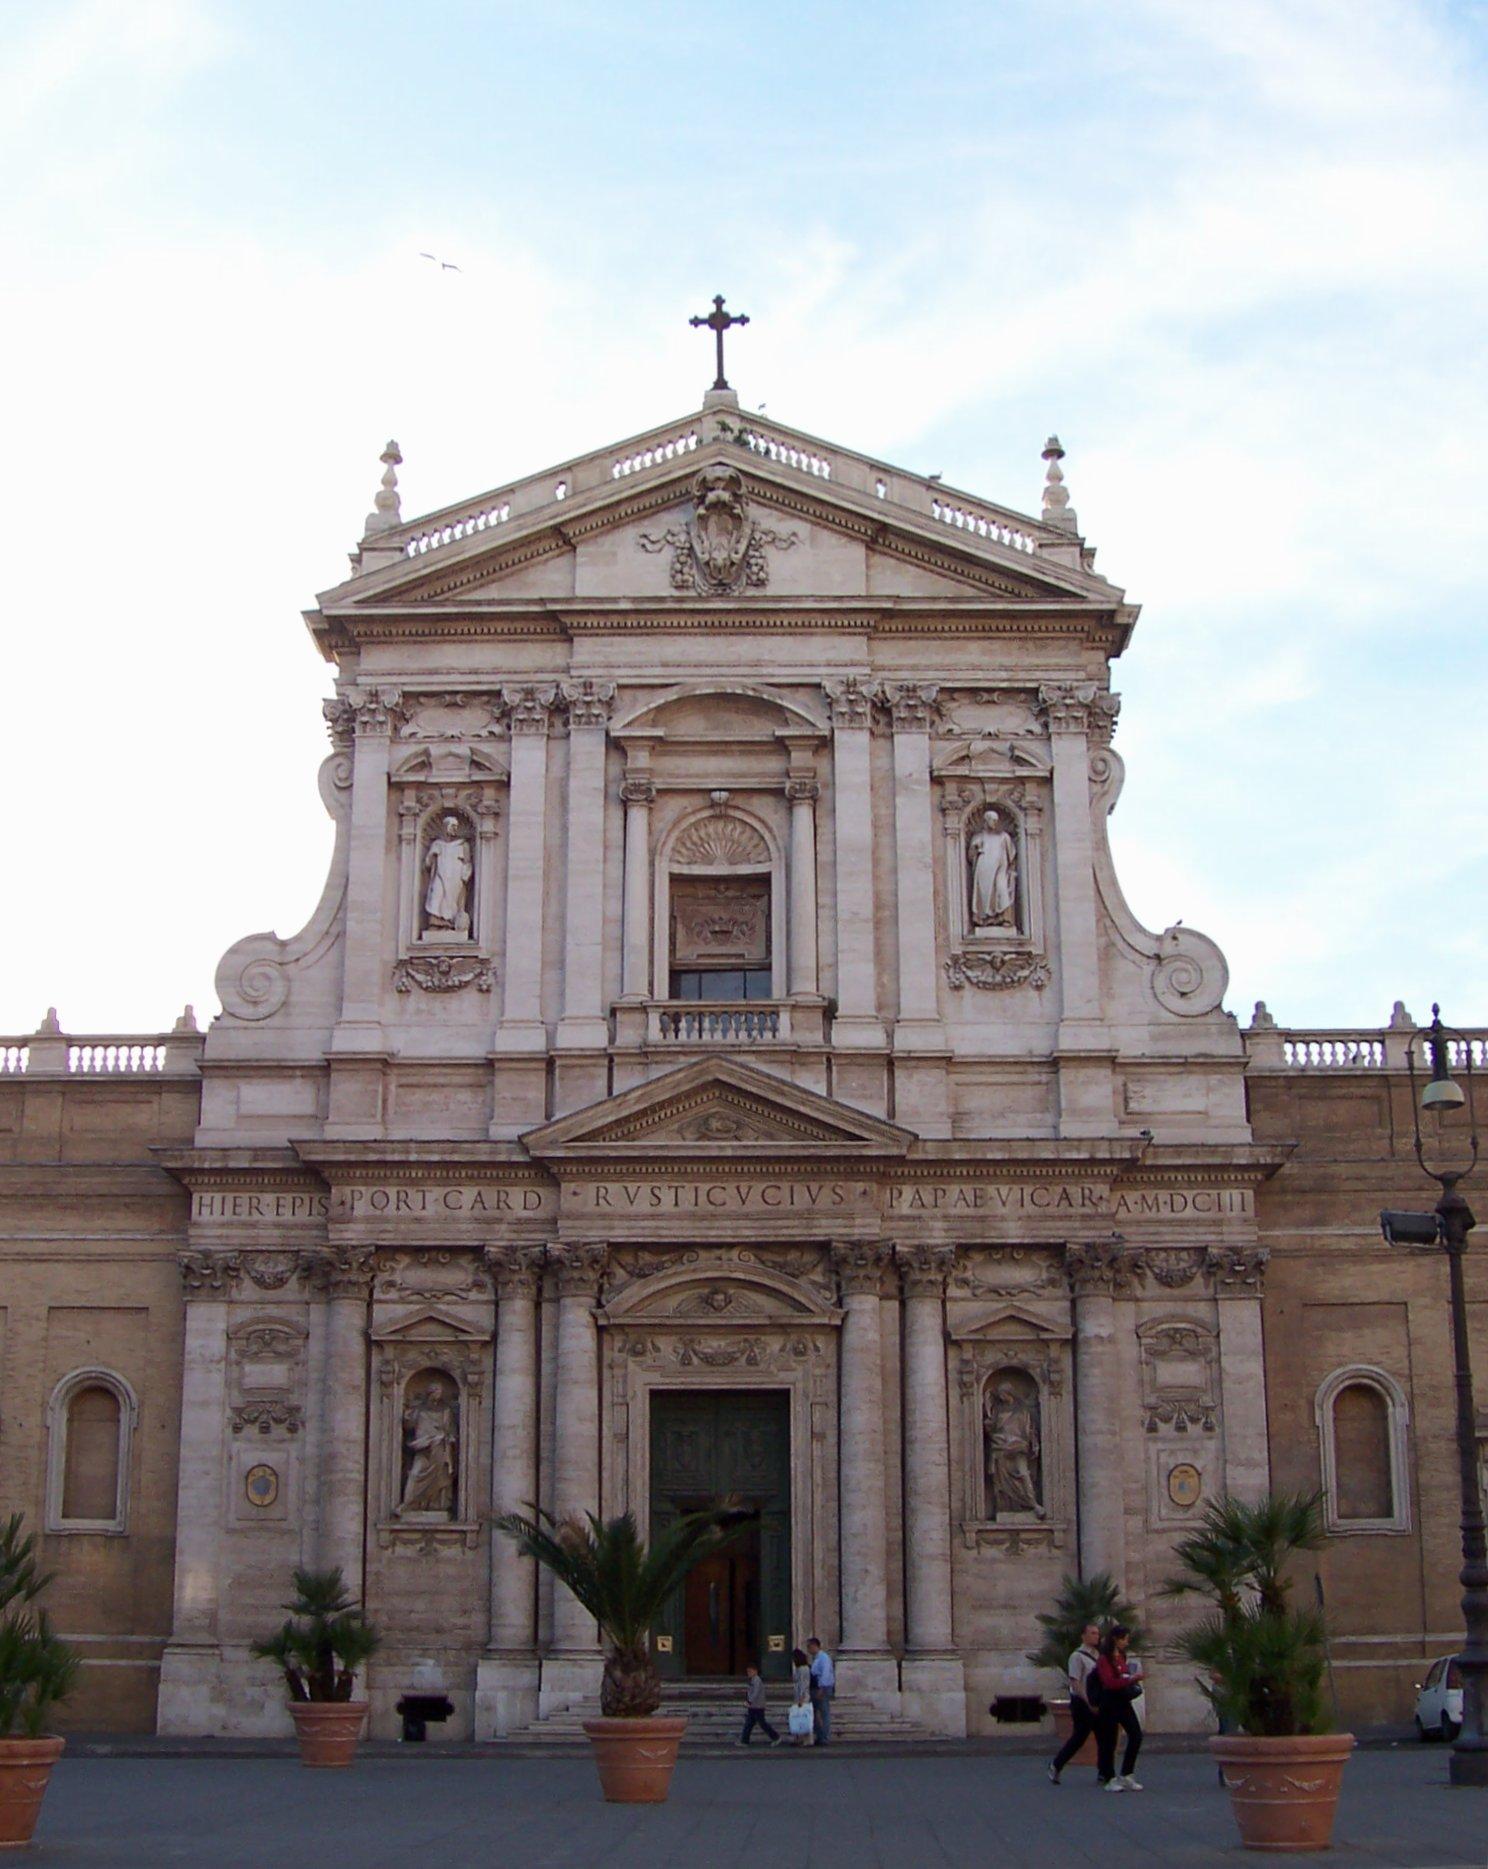 Santa_Susanna_(Rome)_-_facade.jpg